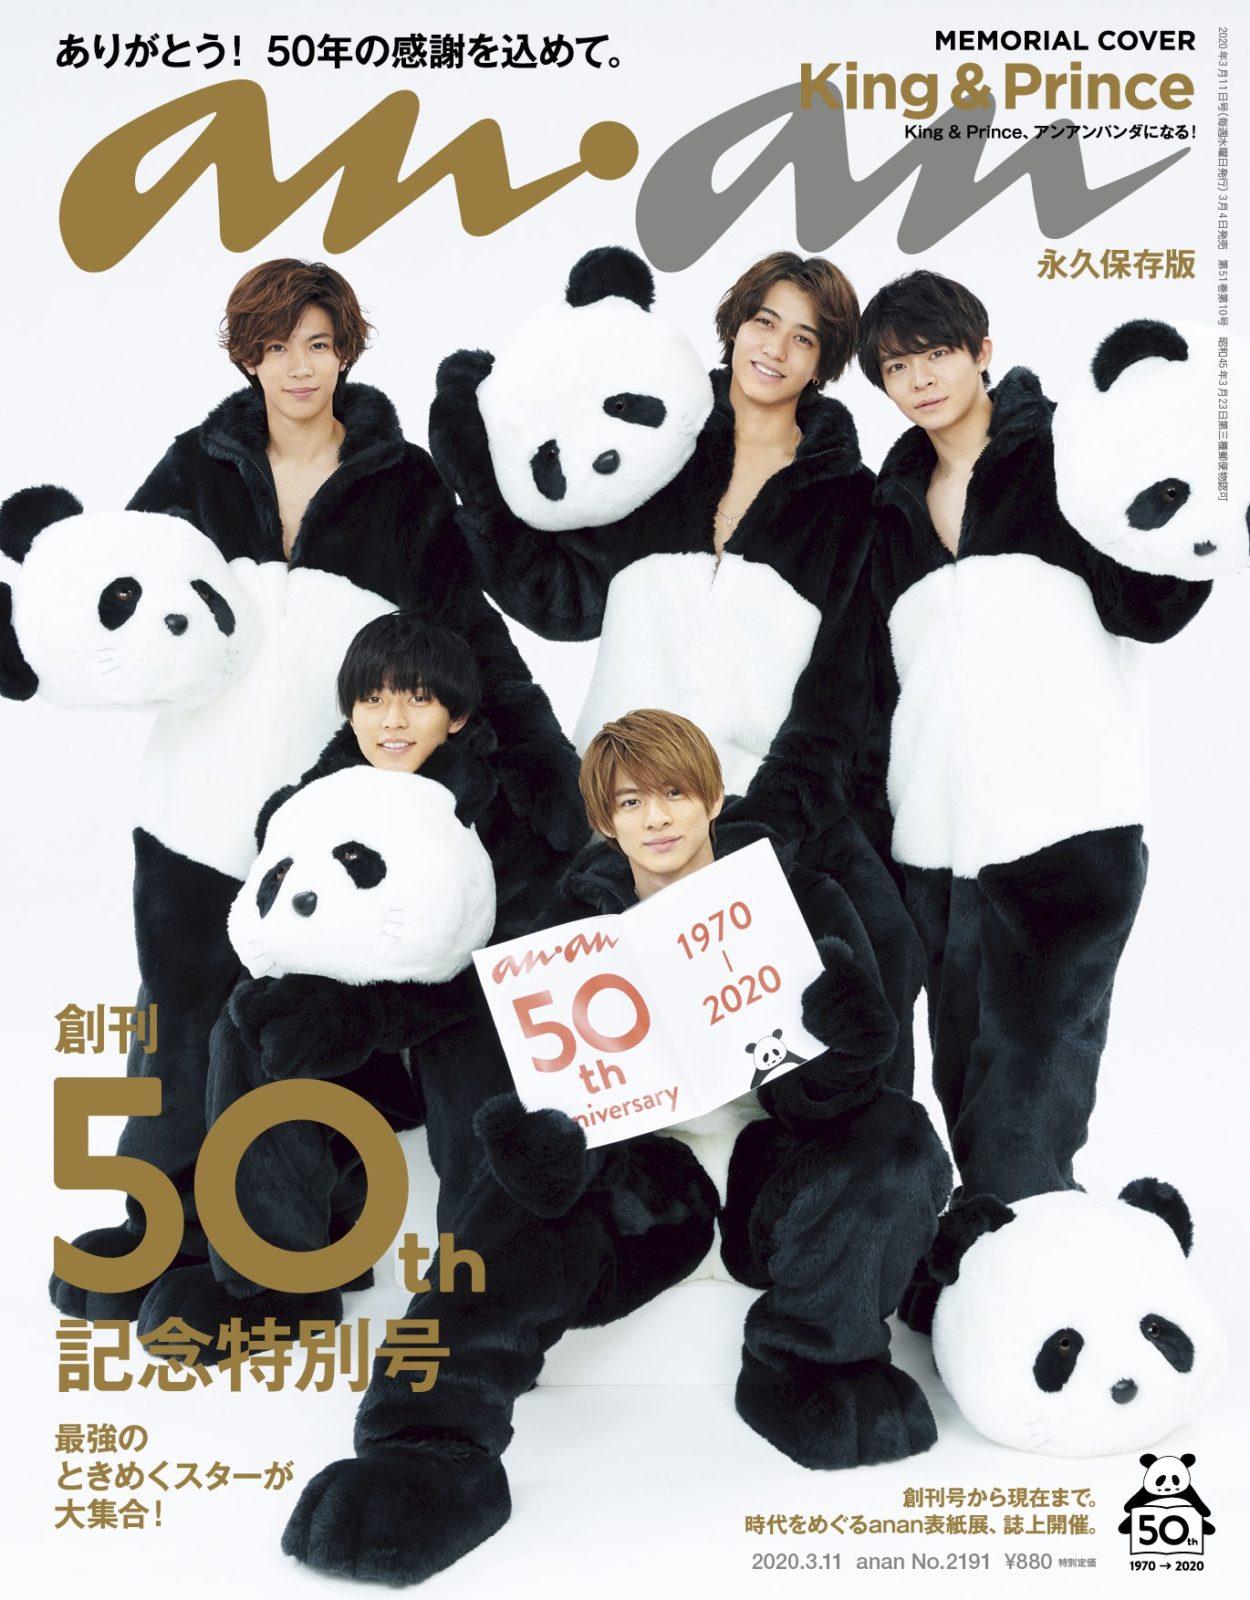 """King & Prince平野紫耀ら、パンダの""""着ぐるみ姿""""を公開サムネイル画像"""